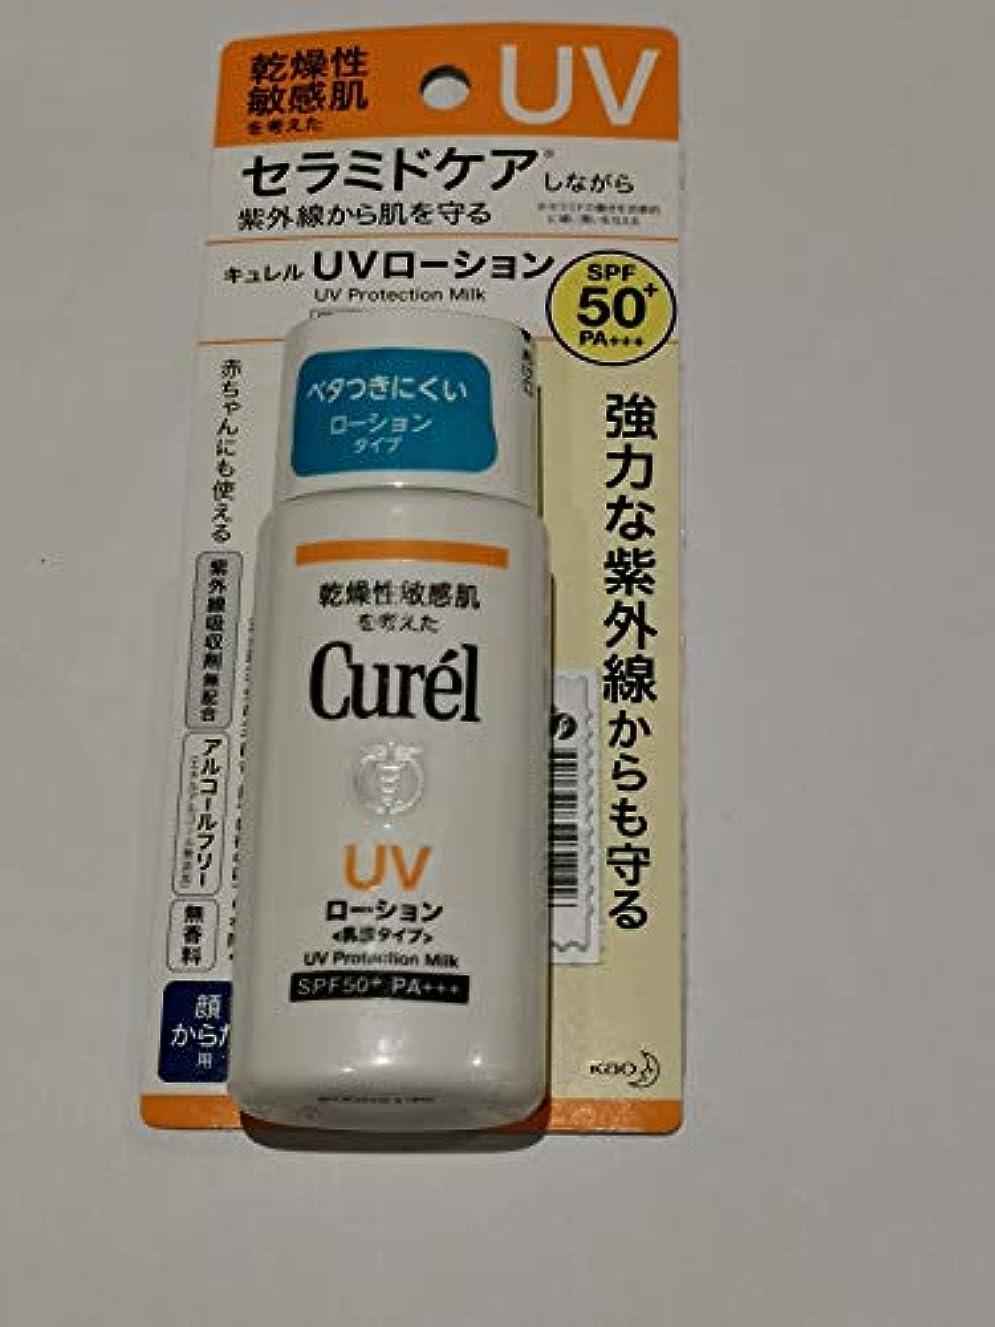 佐賀病なグリルCurél 牛乳のキュレルUVプロテクションフェースSPF5060のグラム - 紫外線による肌の赤みや炎症を軽減しながらUVに対する長期的な保護は、最強の光線